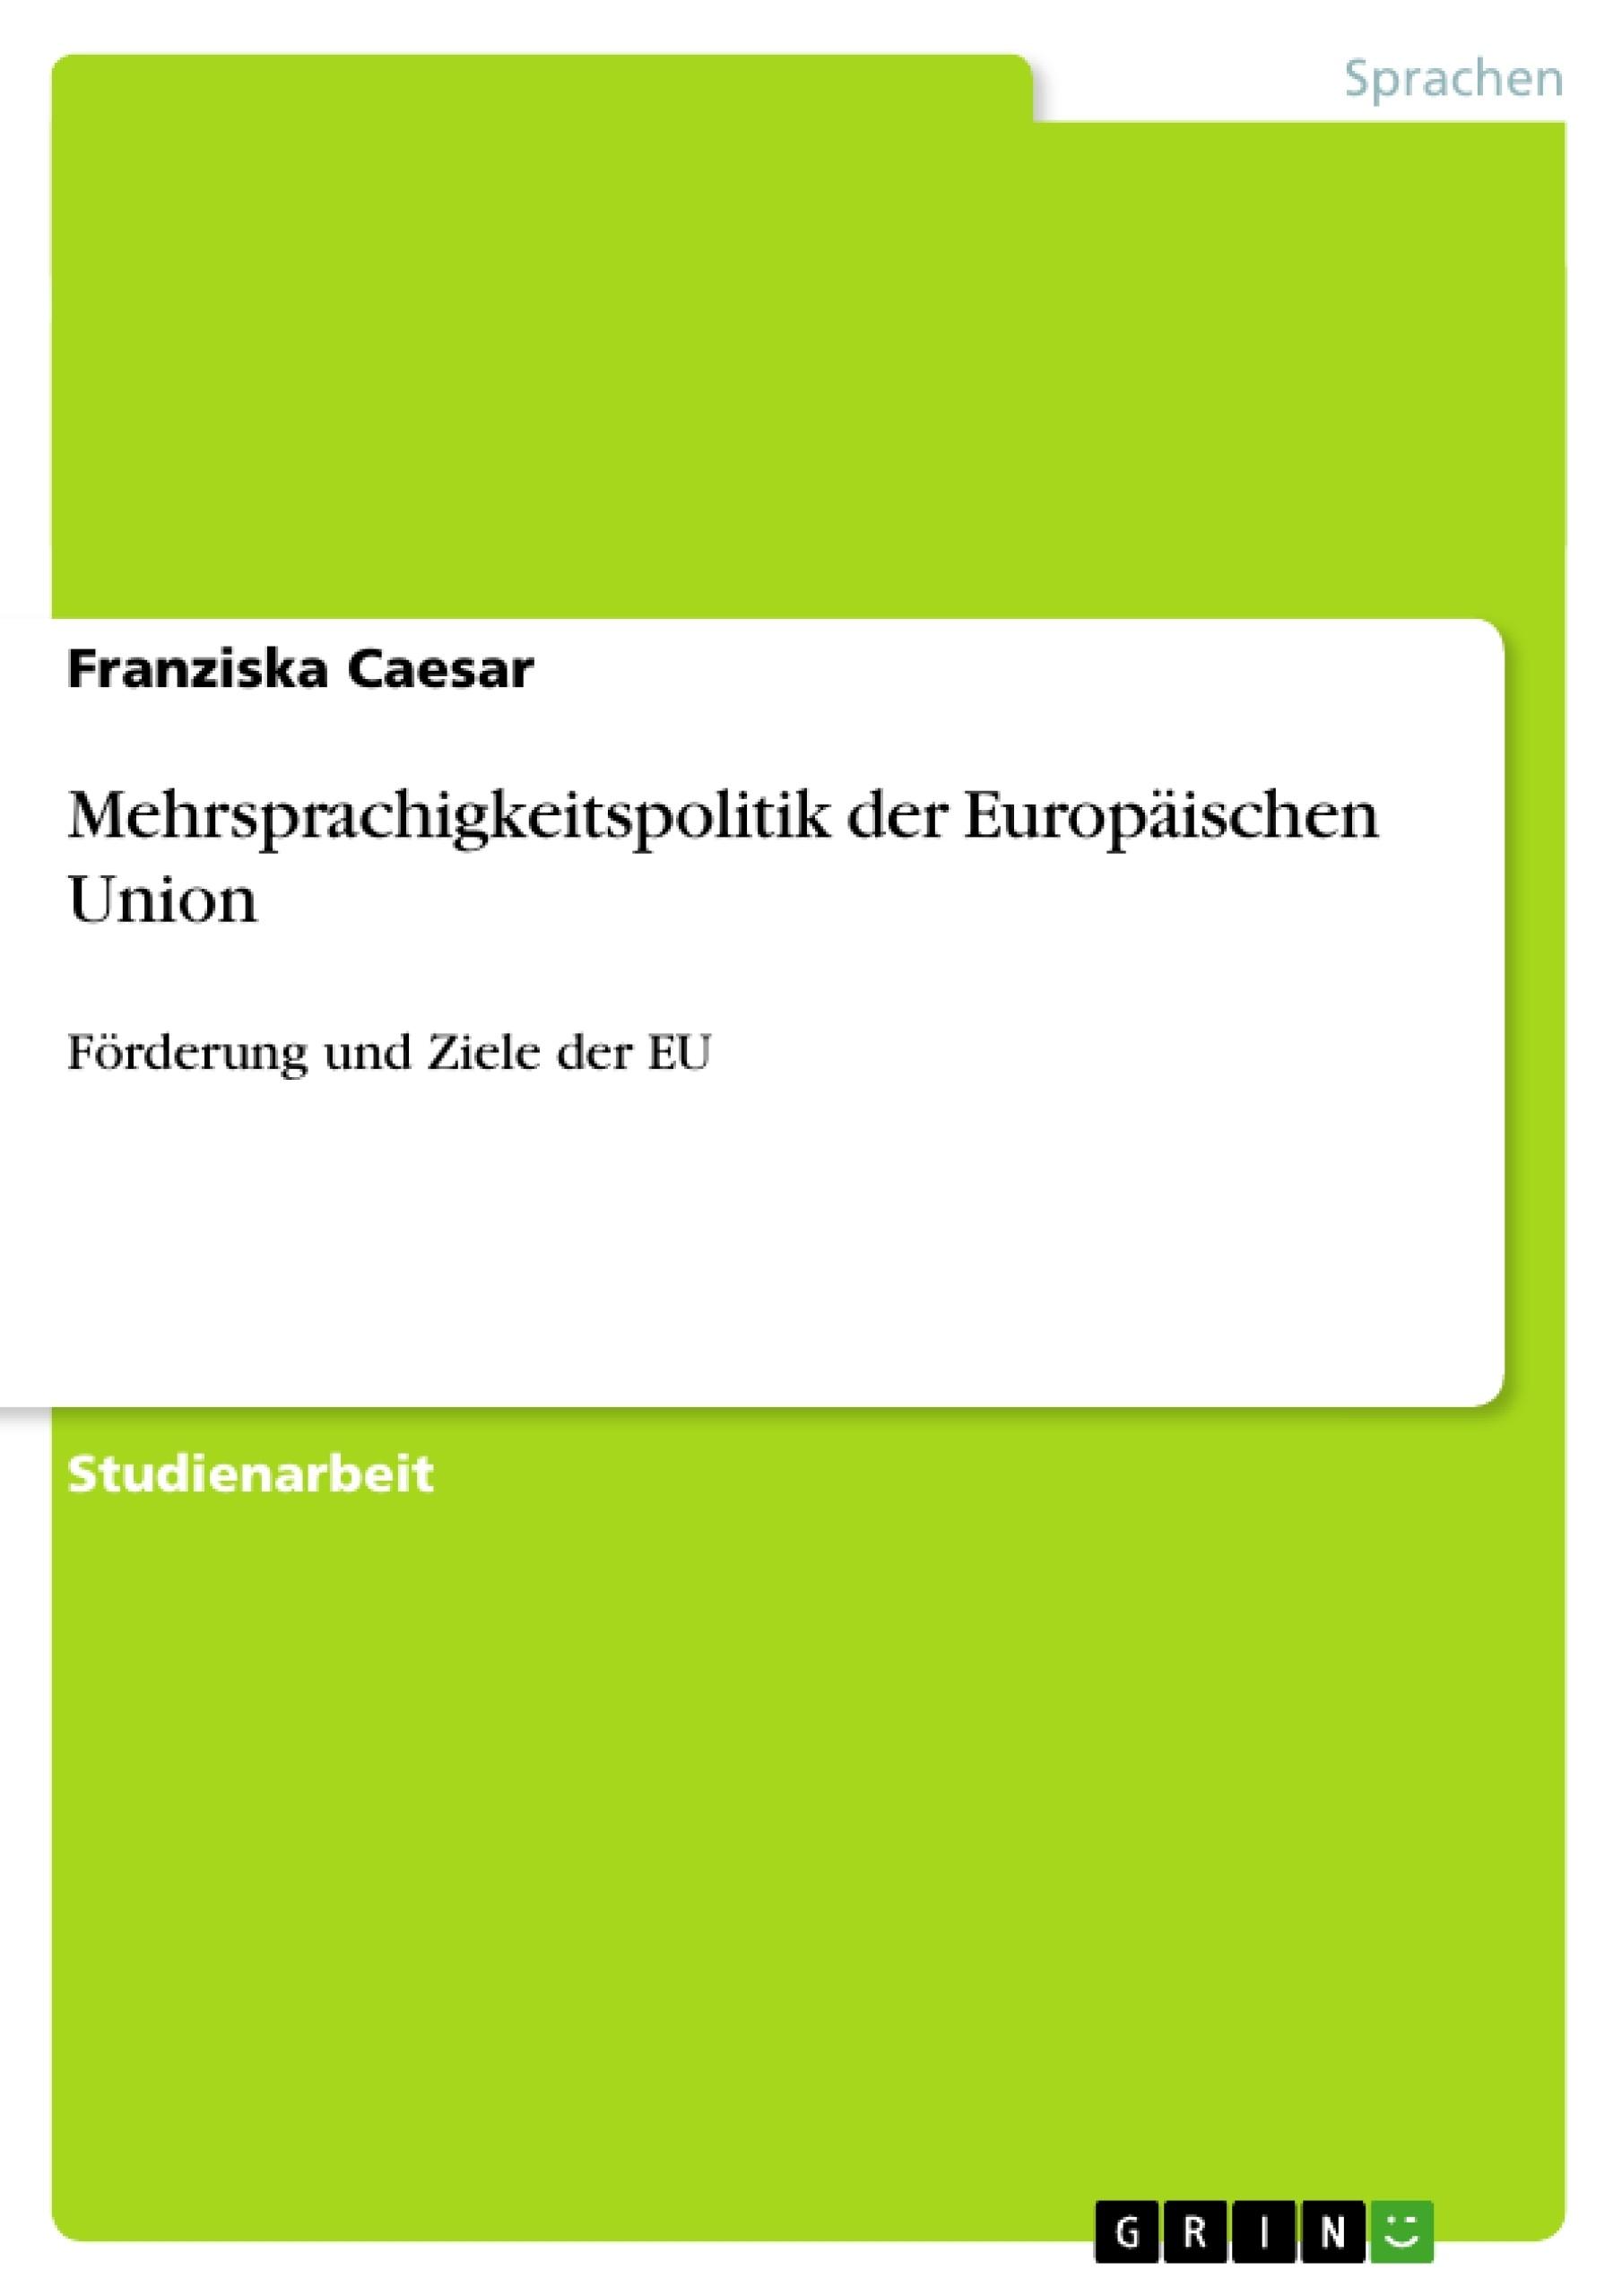 Titel: Mehrsprachigkeitspolitik der Europäischen Union